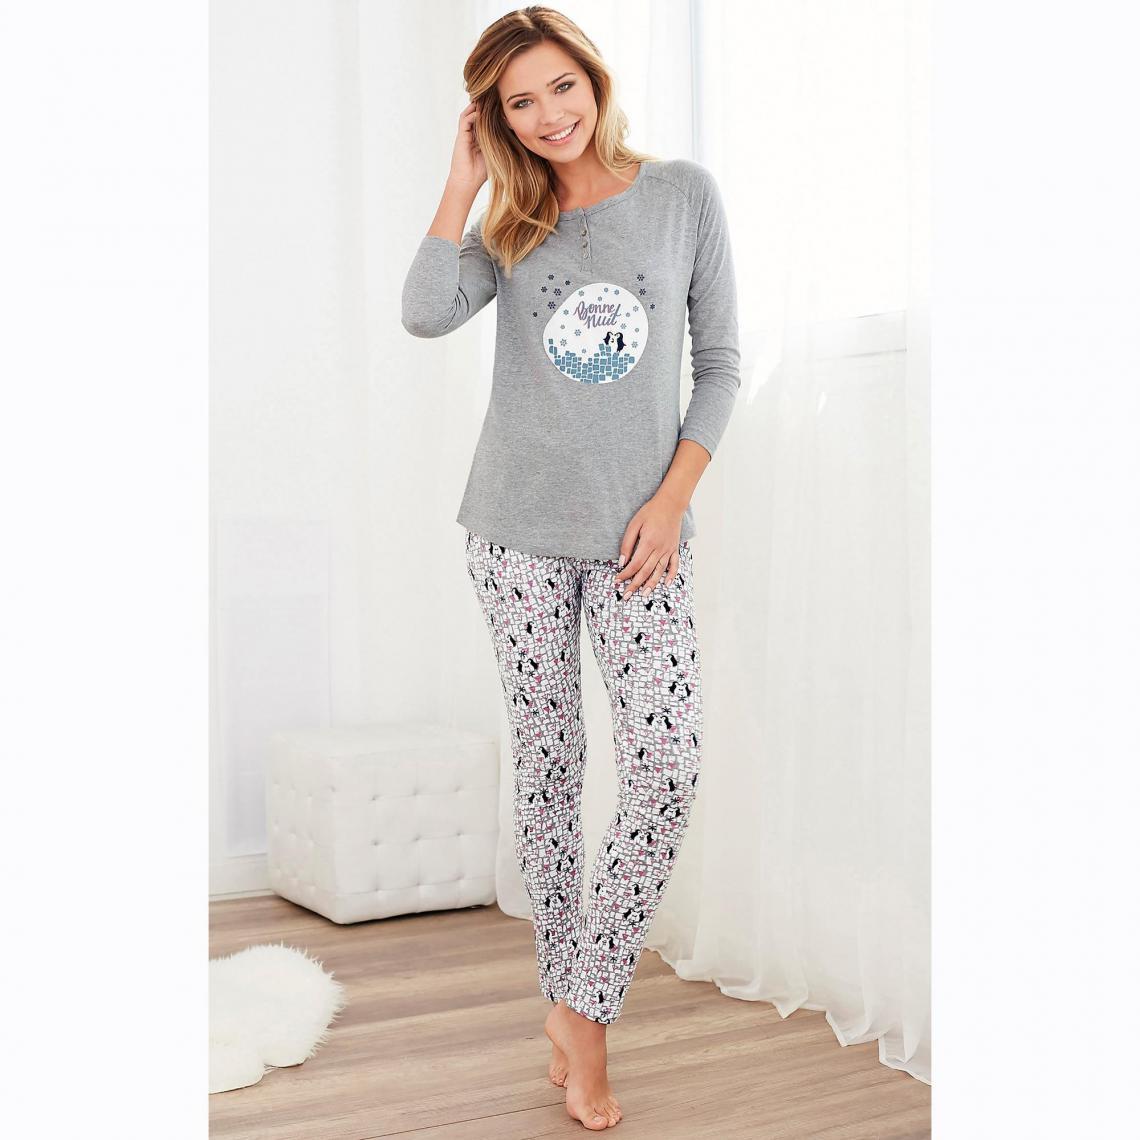 qualité authentique taille 7 nouvelle collection Pyjama manches longues pantalon imprimé femme - Gris | 3 SUISSES